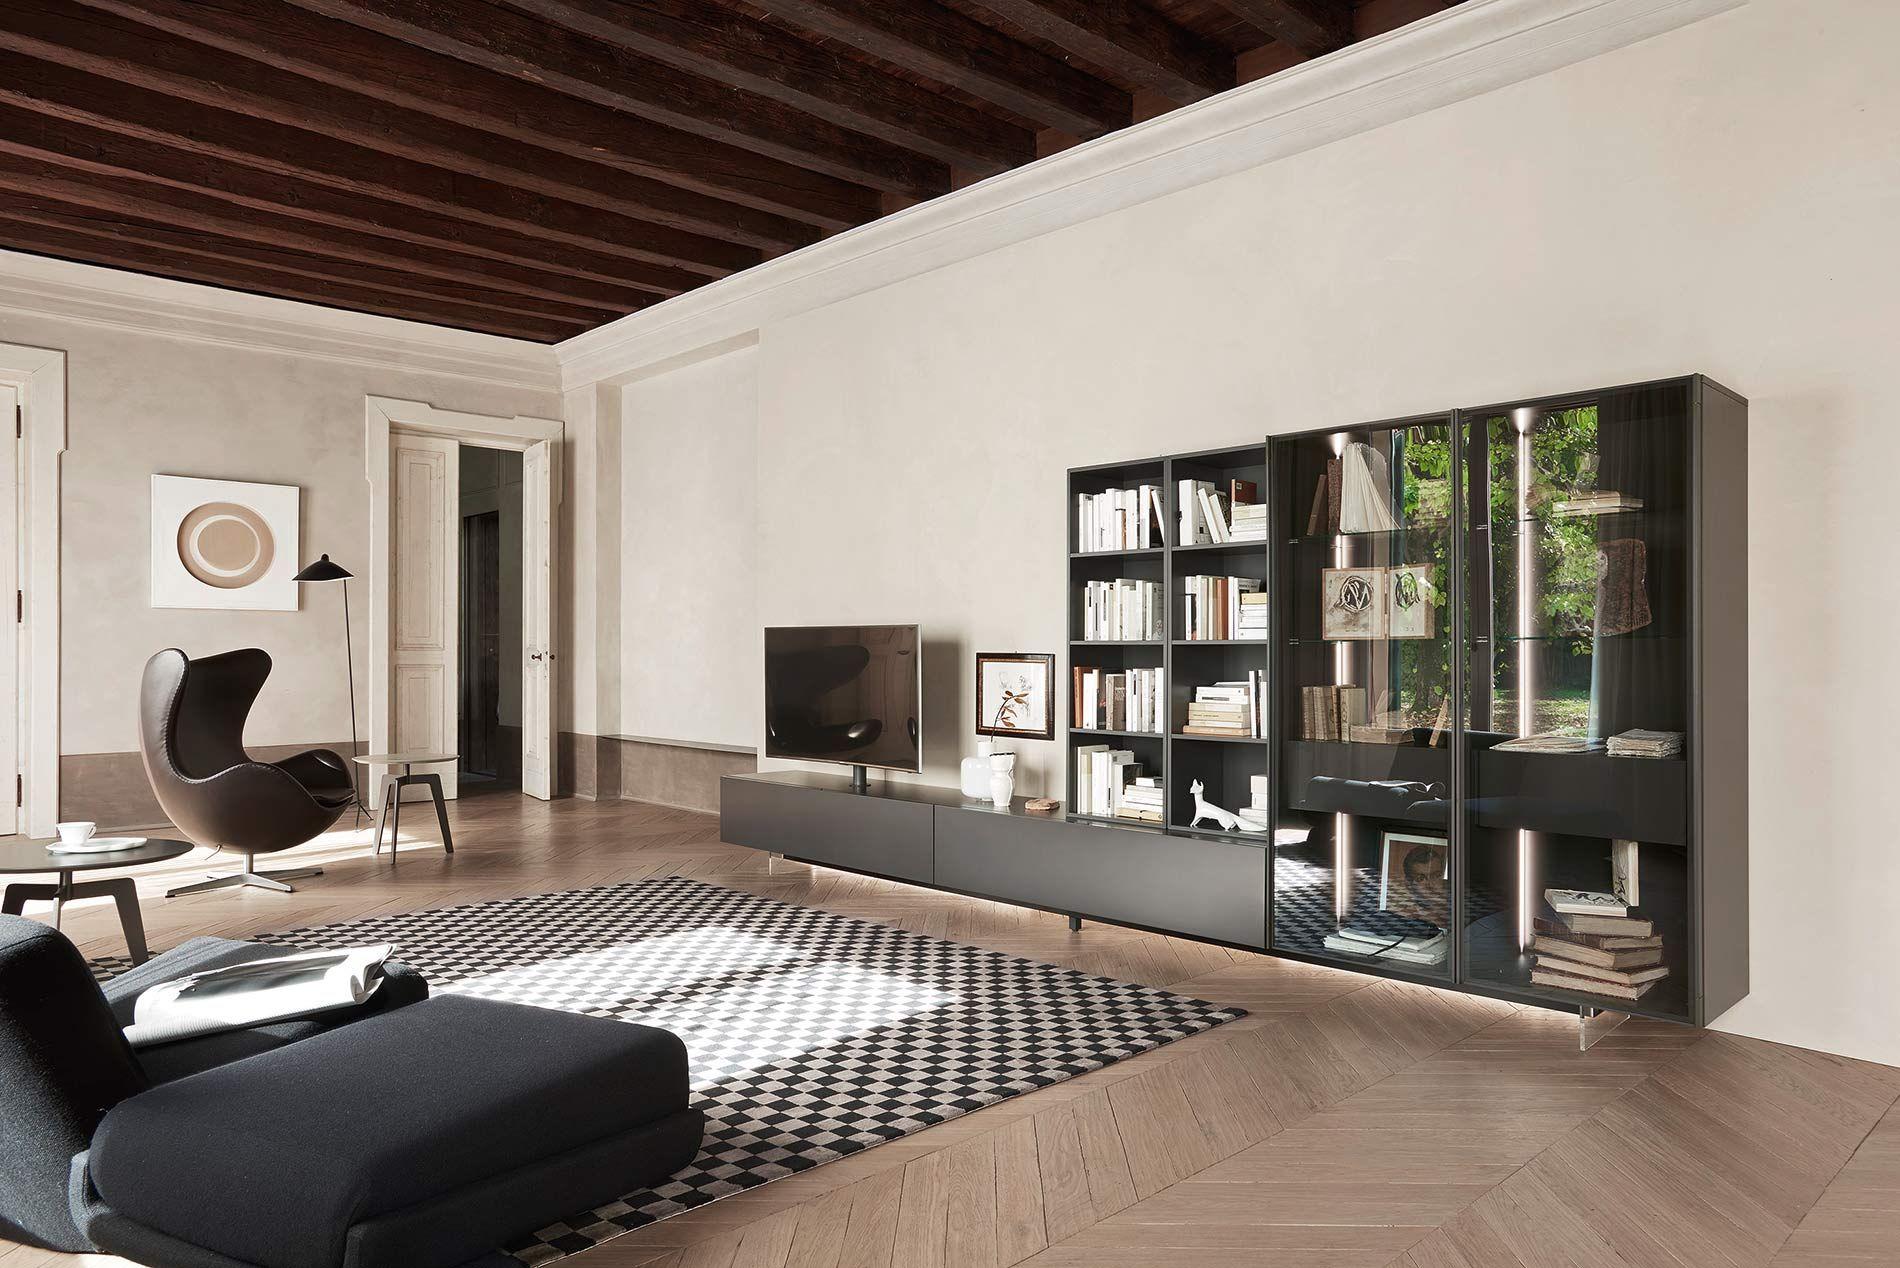 Wohnzimmer hängeschrank ~ Livitalia wohnwand c43 glasvitrinen vitrine und furniture